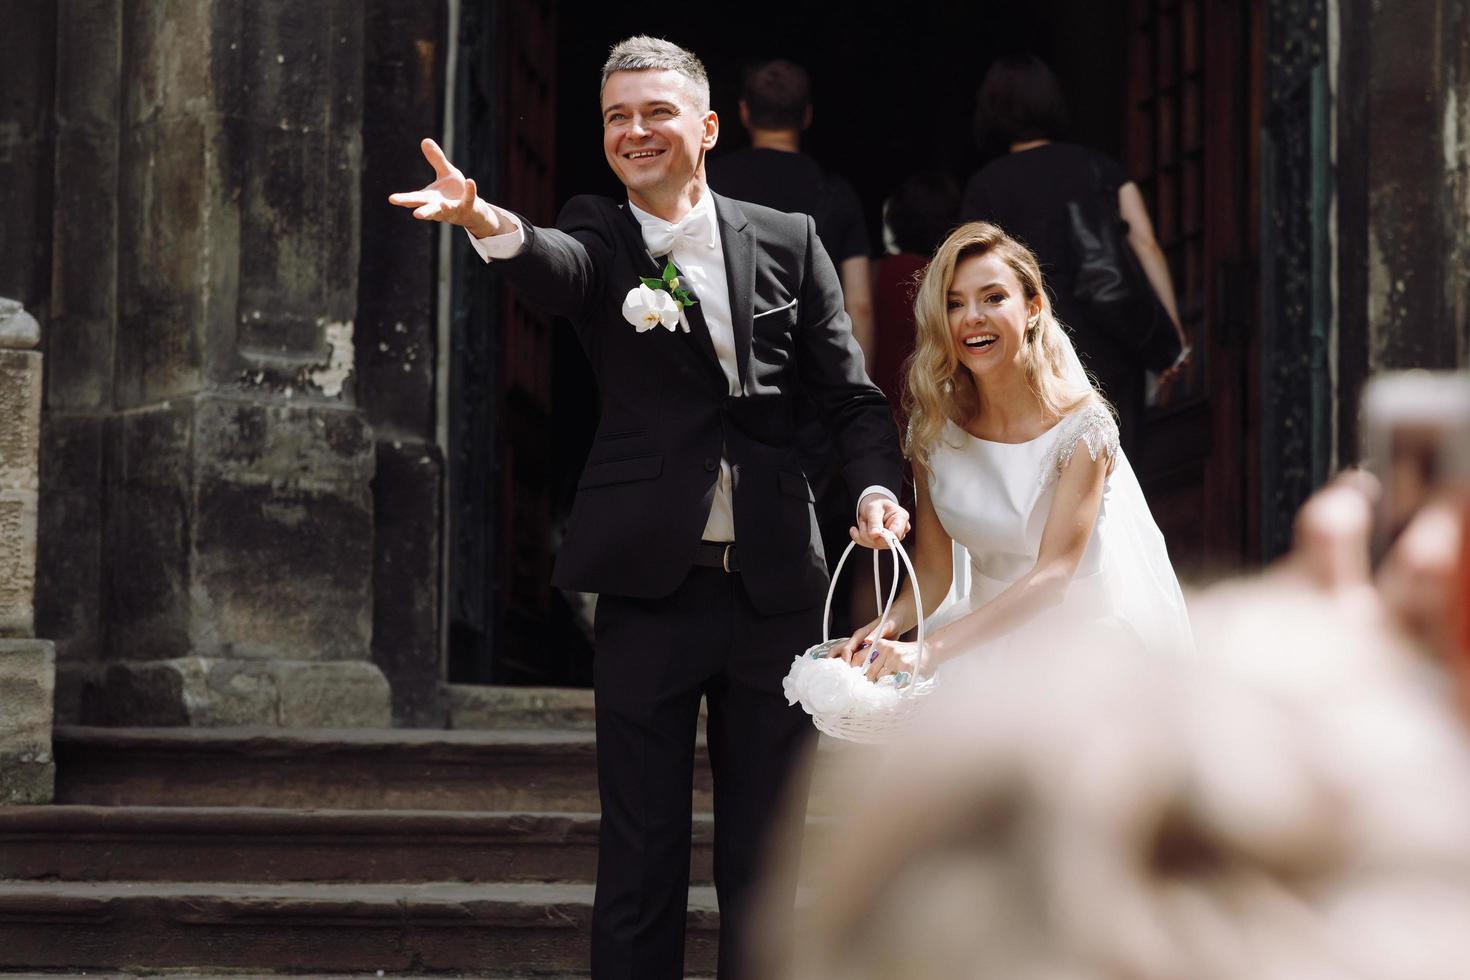 Europa, 2018 - pareja recién casada fuera de la iglesia de Praga. foto